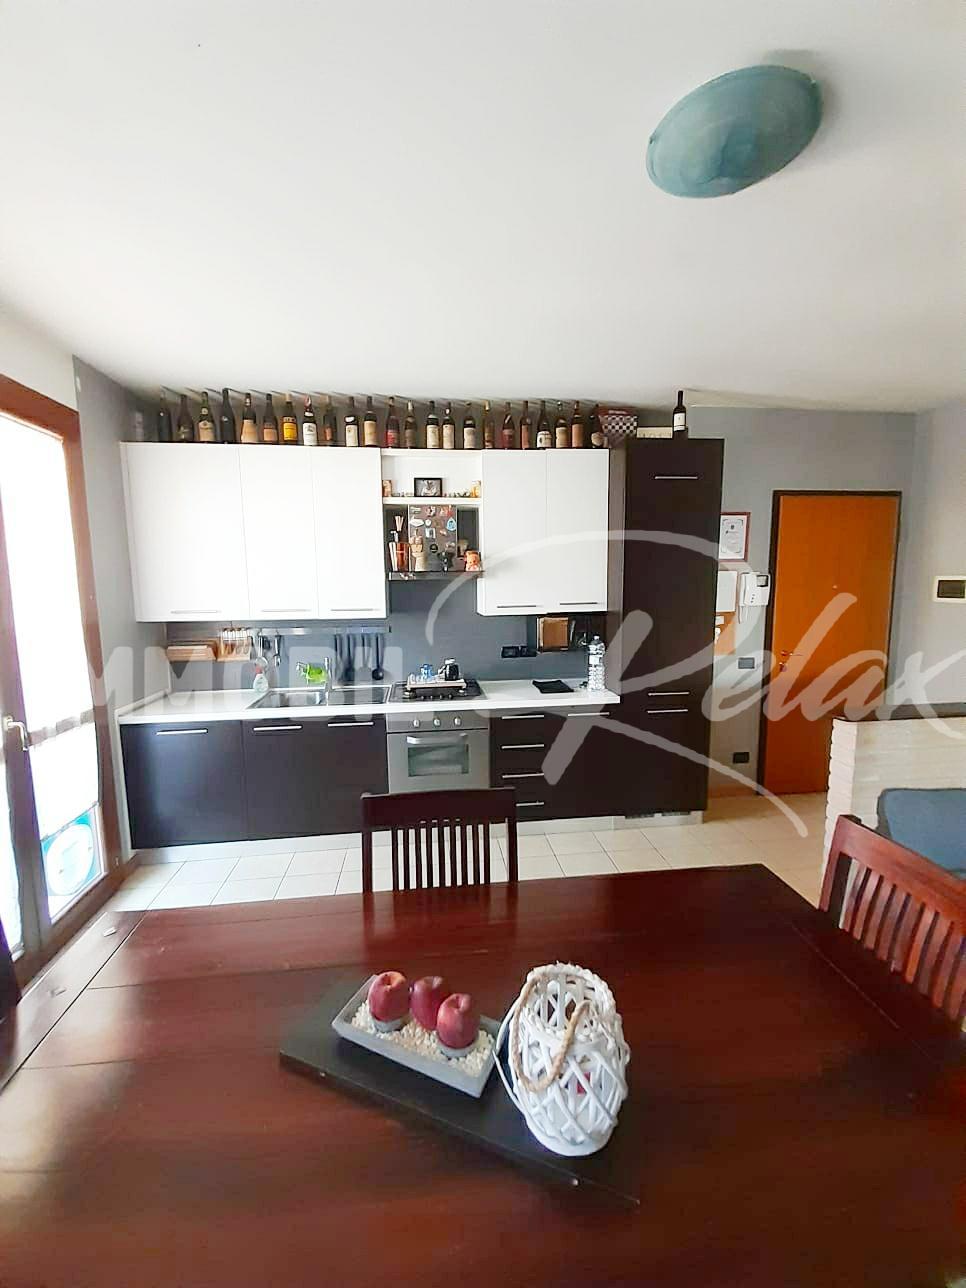 Splendido bilocale a Cavallino - Treporti - Immobil Relax